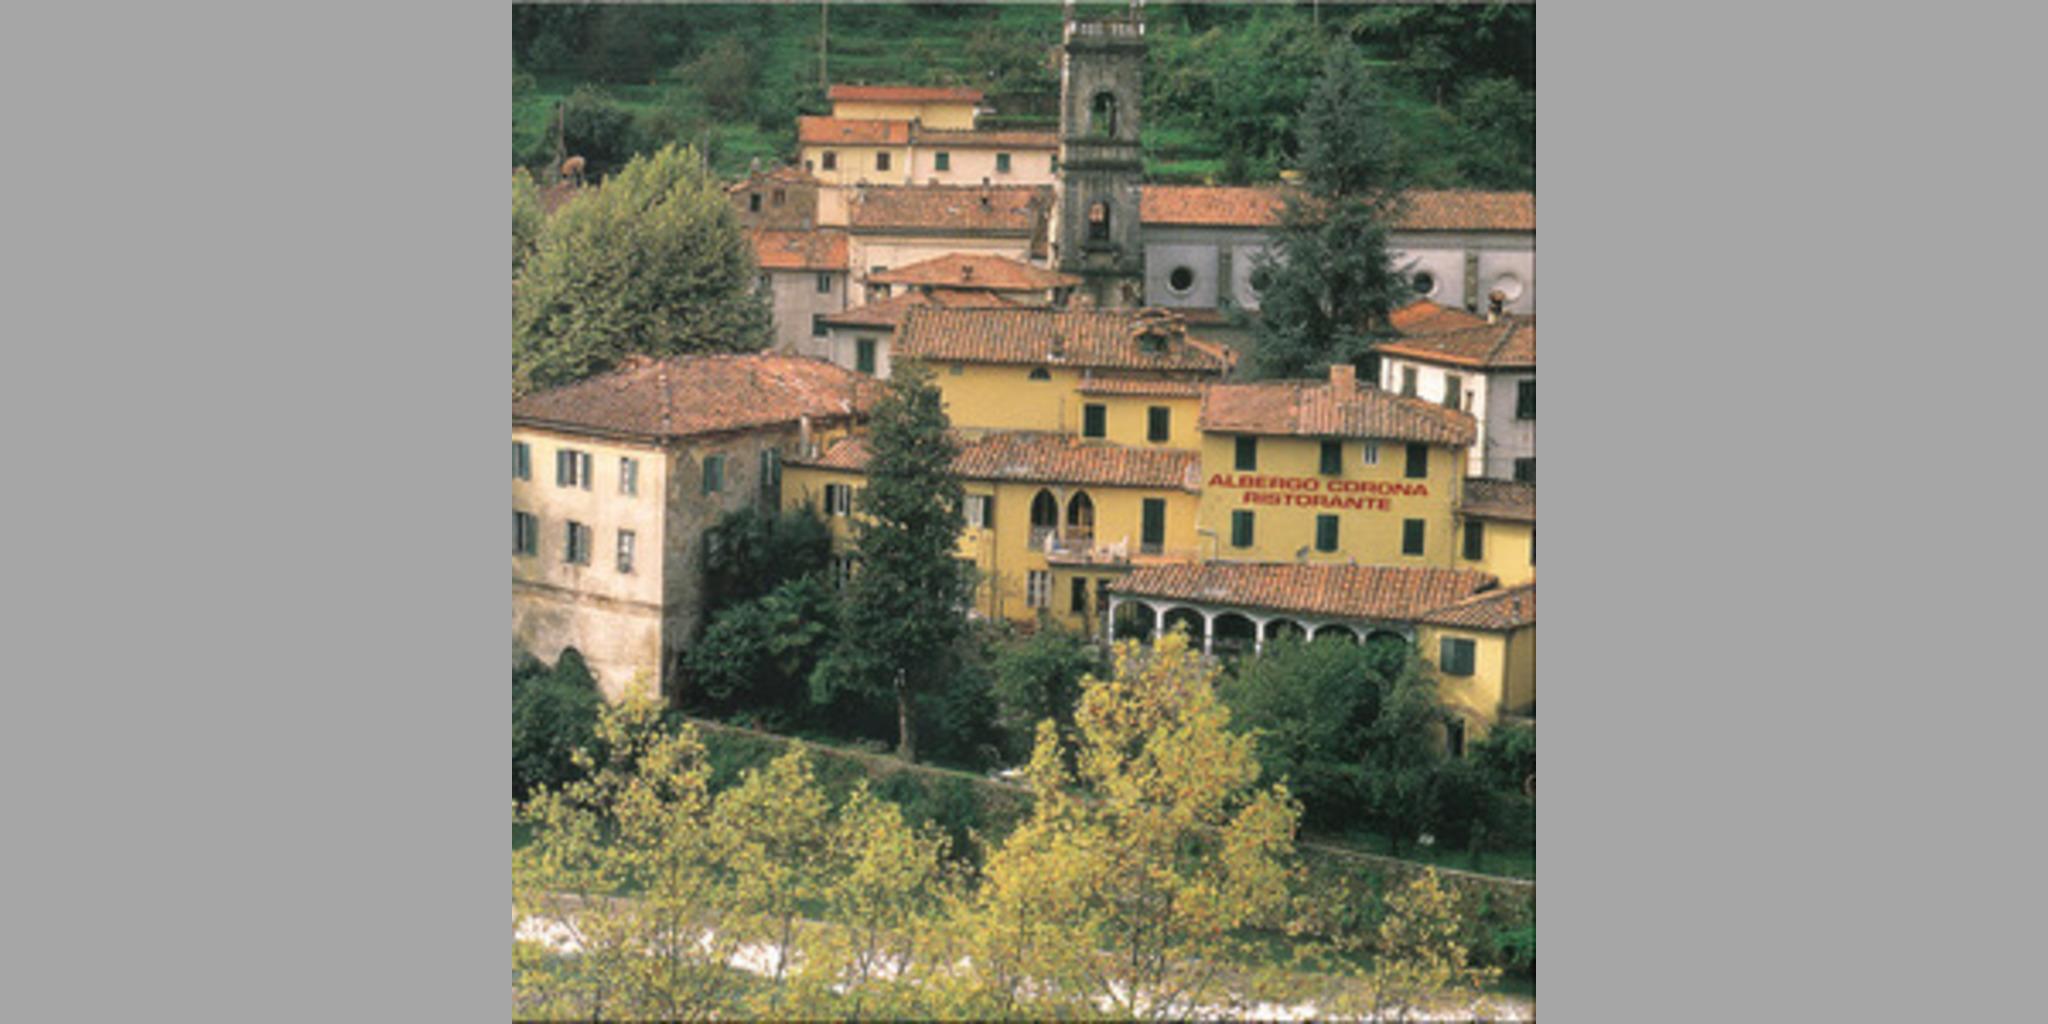 Hotel Bagni Di Lucca - Terme Bagni Di Lucca